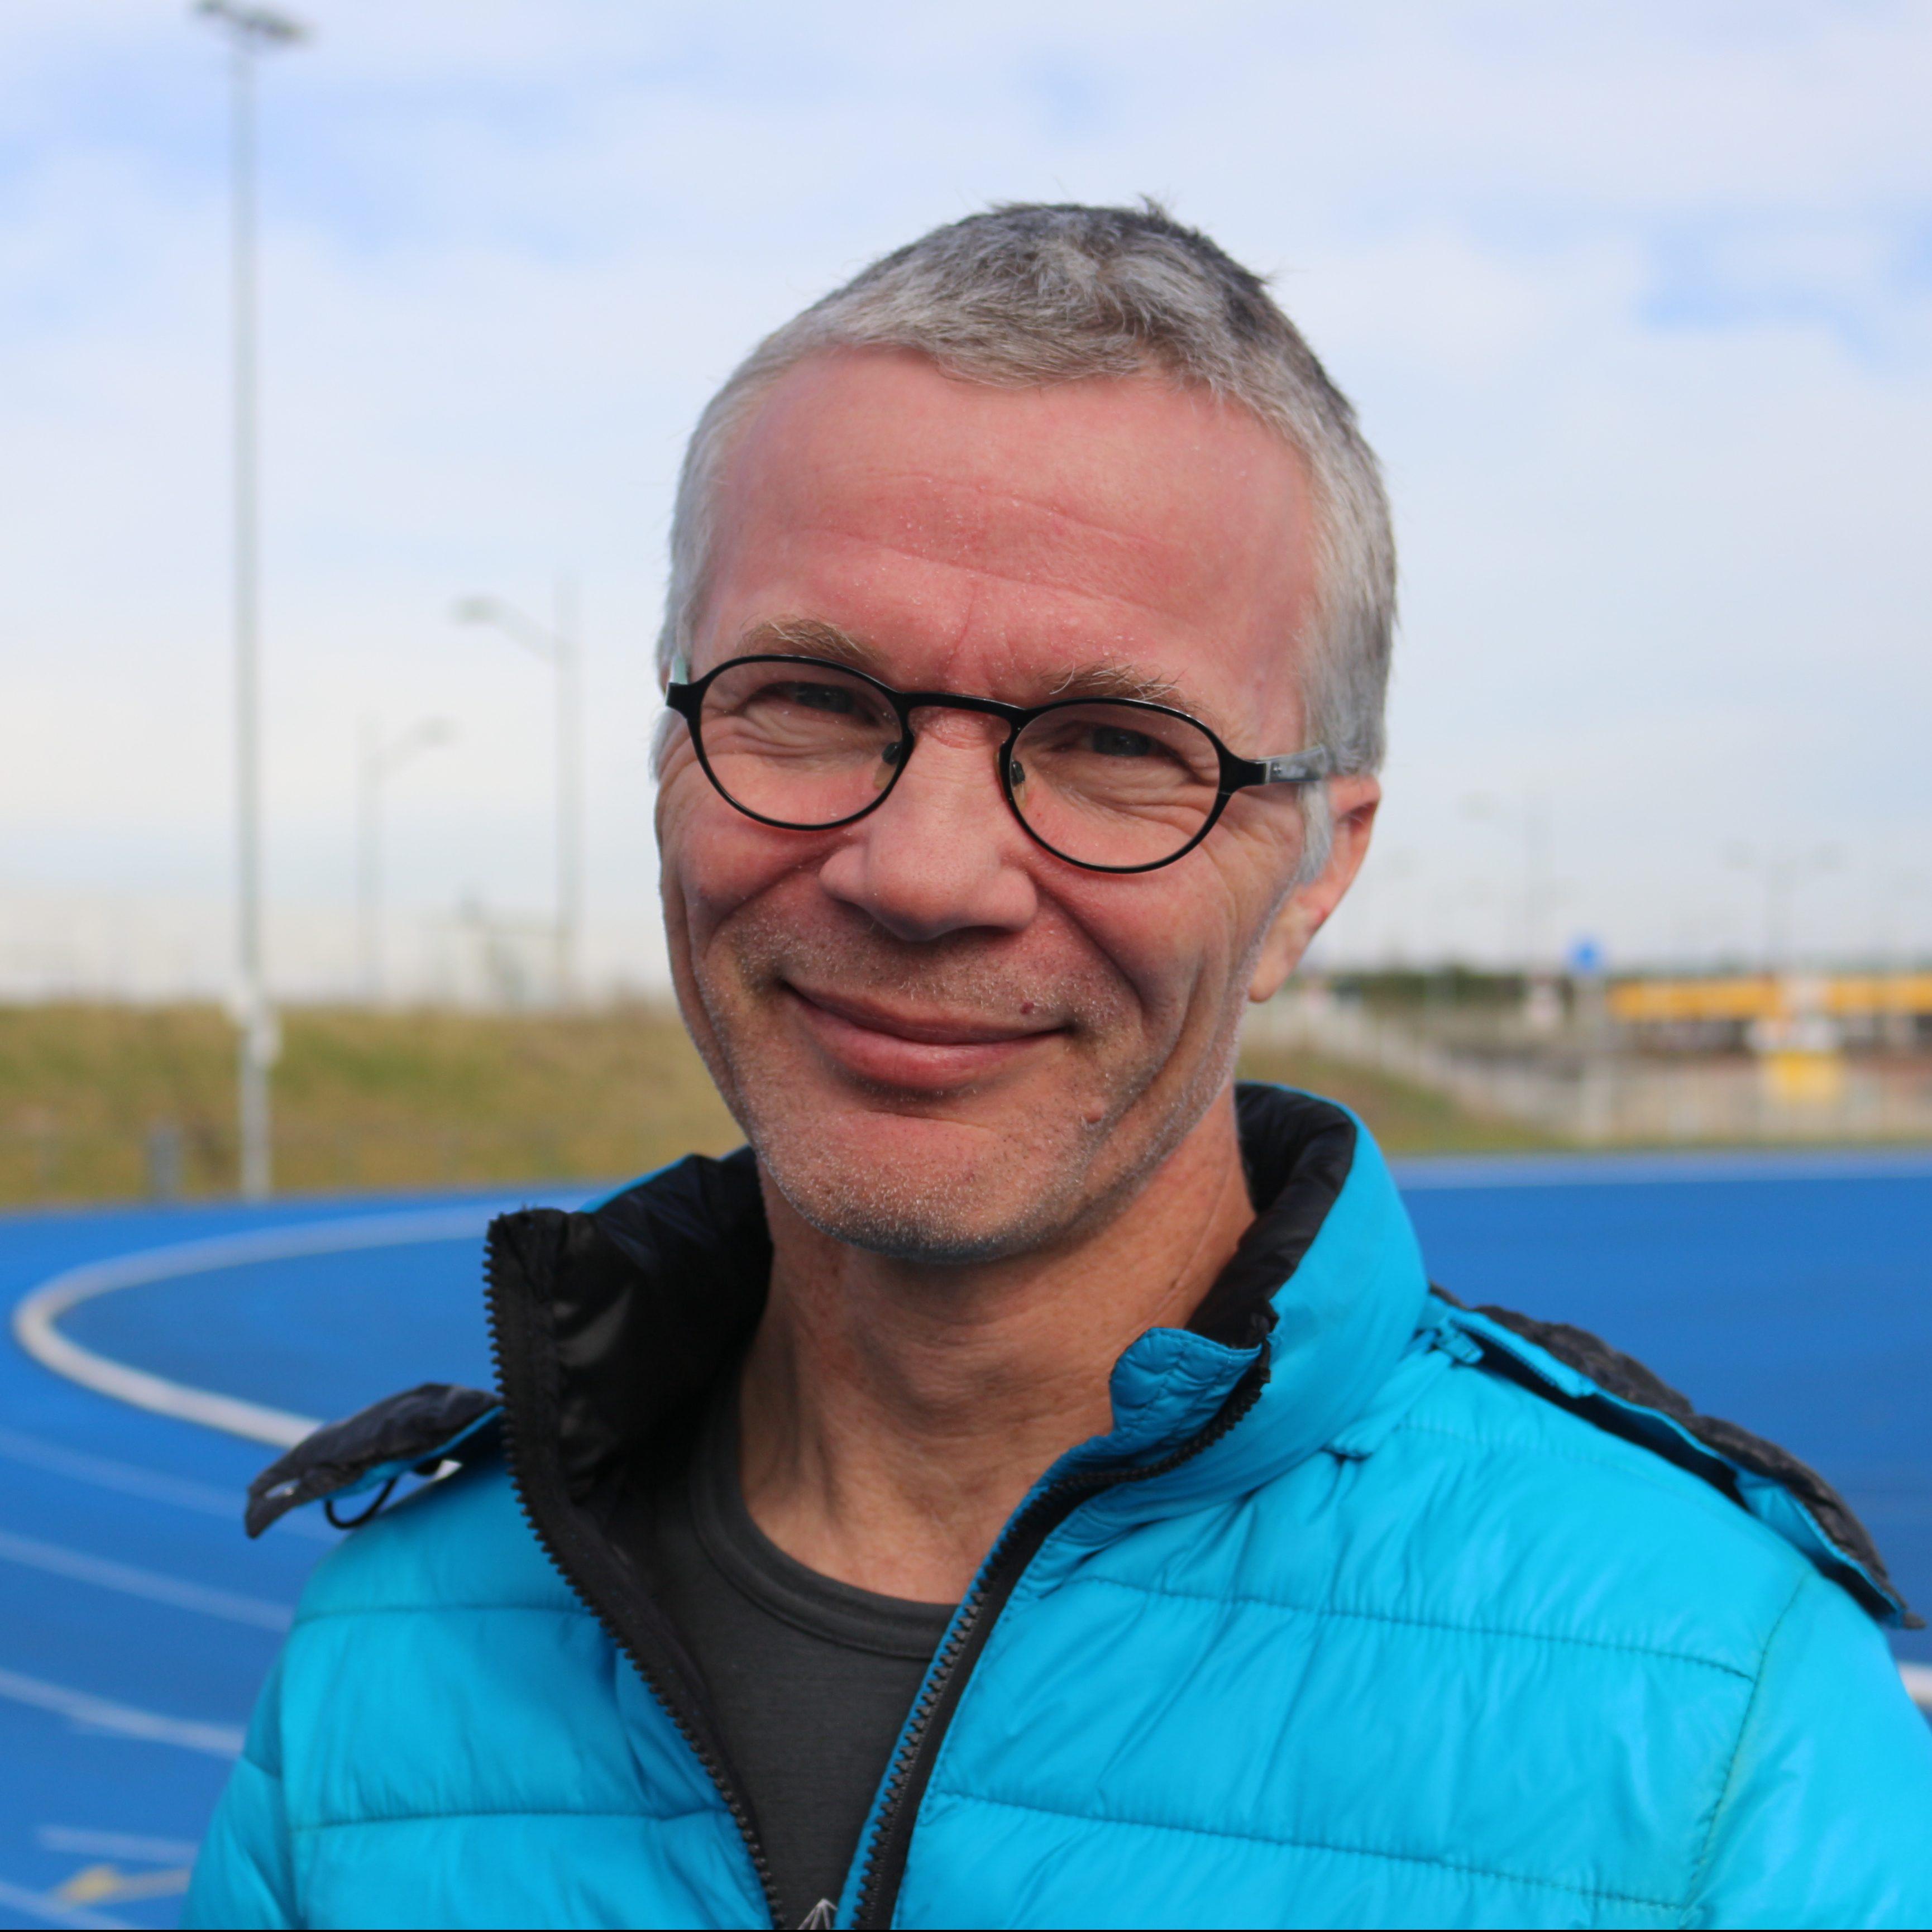 Joost Knotnerus